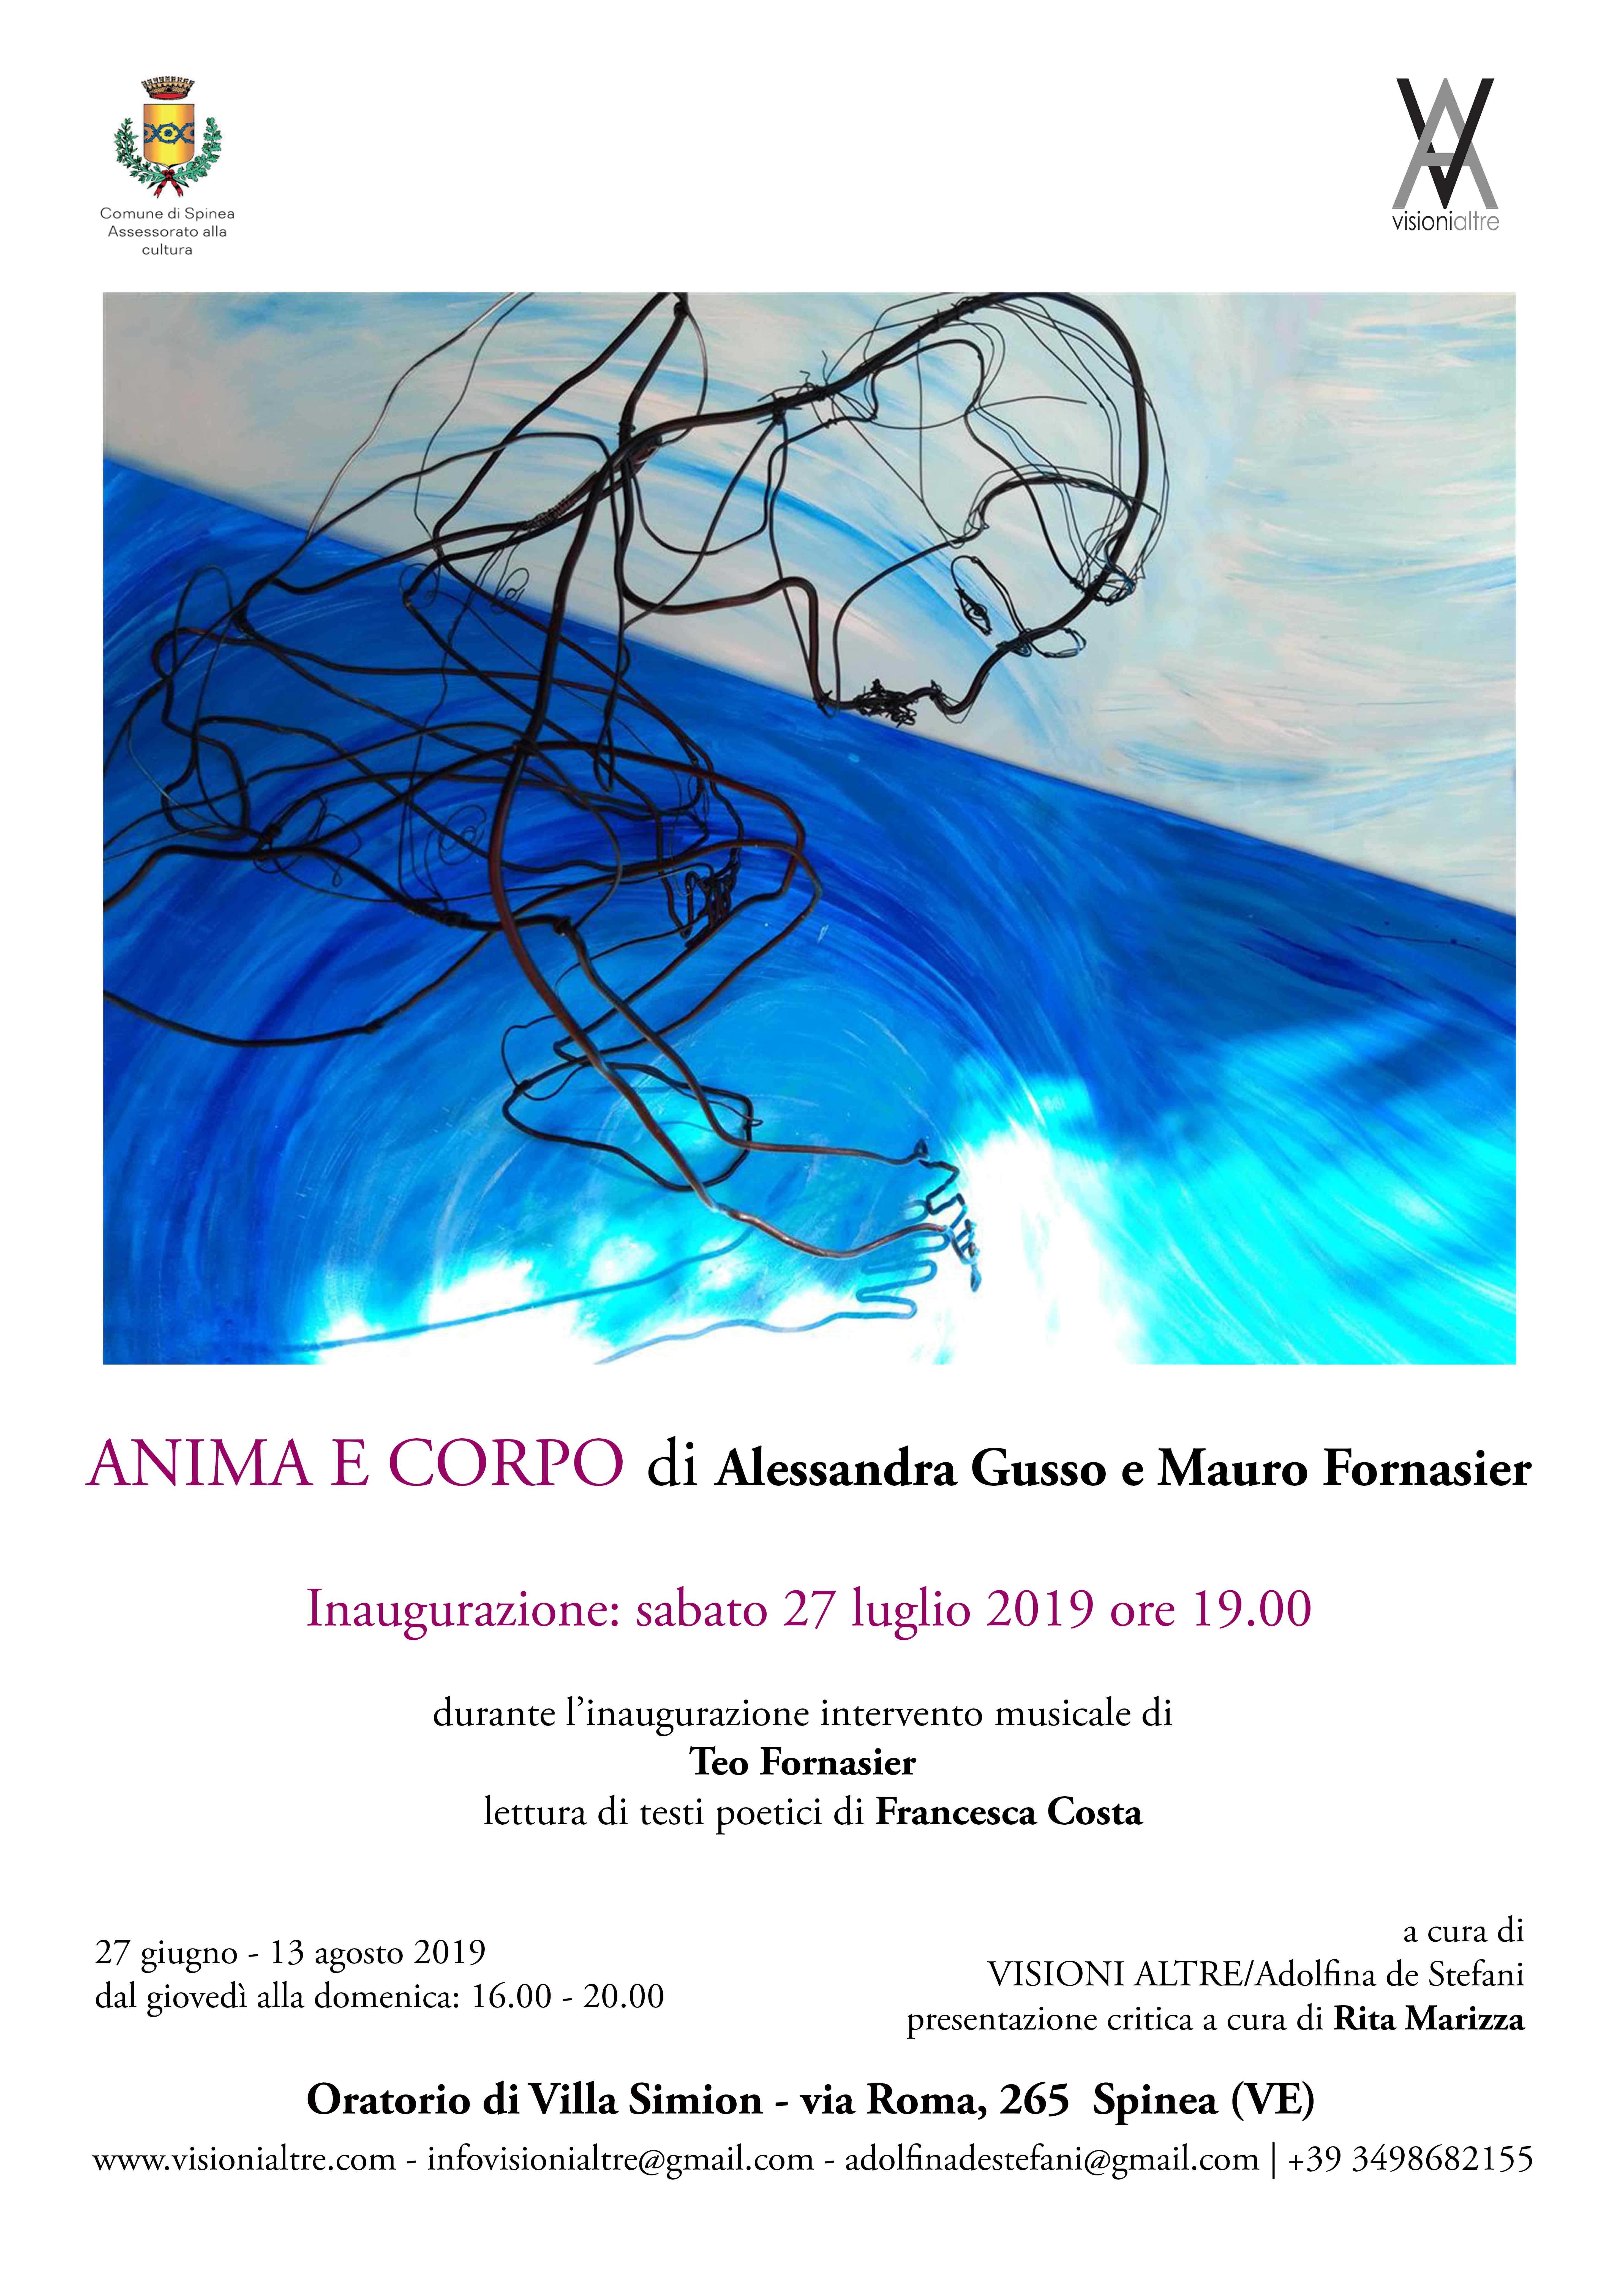 MANIFESTO-Gusso-Fornasier-